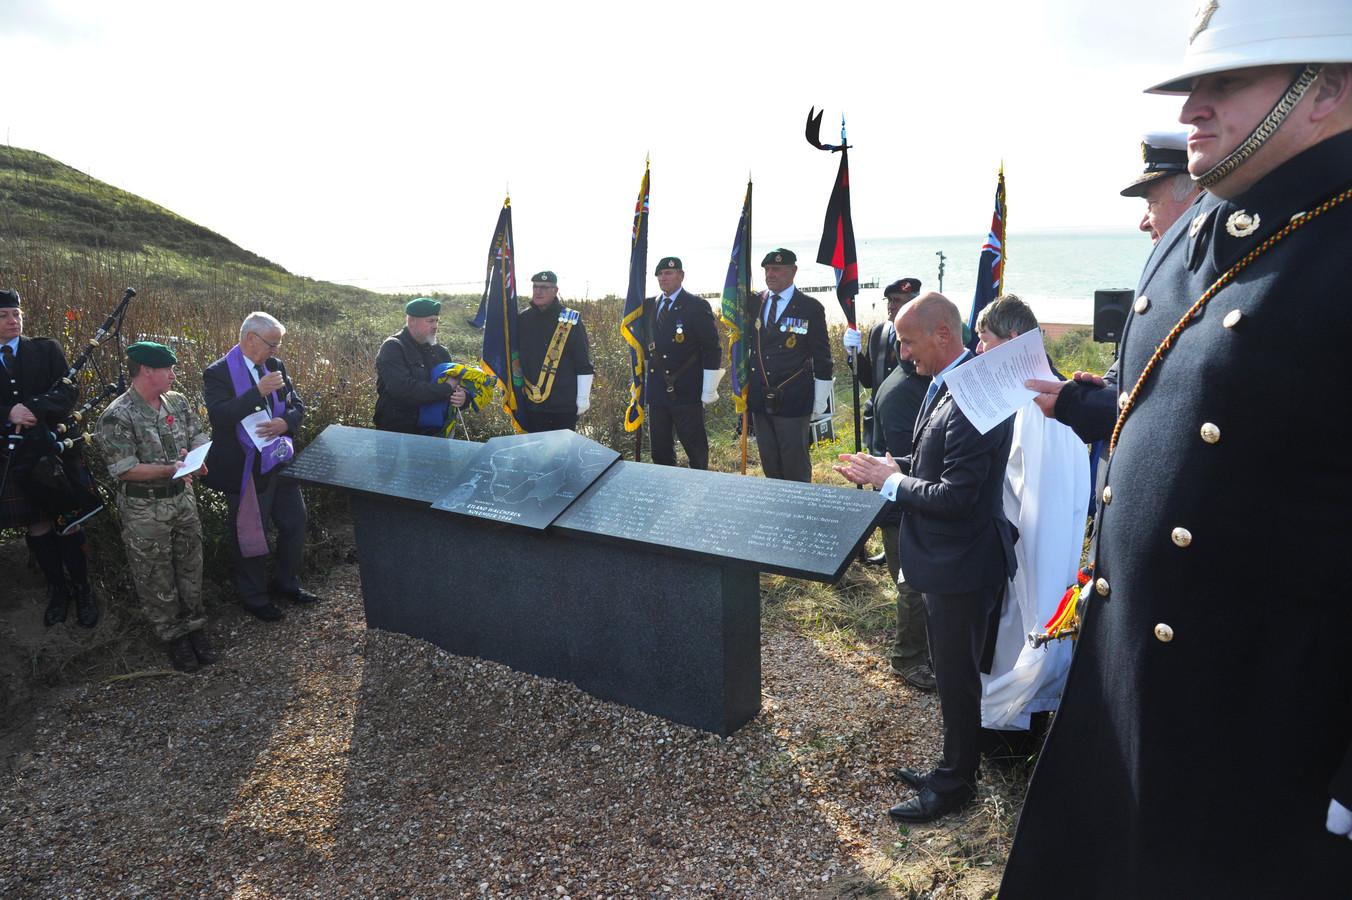 Het nieuwe monument voor de mannen van het 47th Royal Marines Commando die niet terugkeerden naar huis na de bevrijding van Walcheren in 1944, bovenop het duin bij de overgang Kaapduinen in Dishoek.